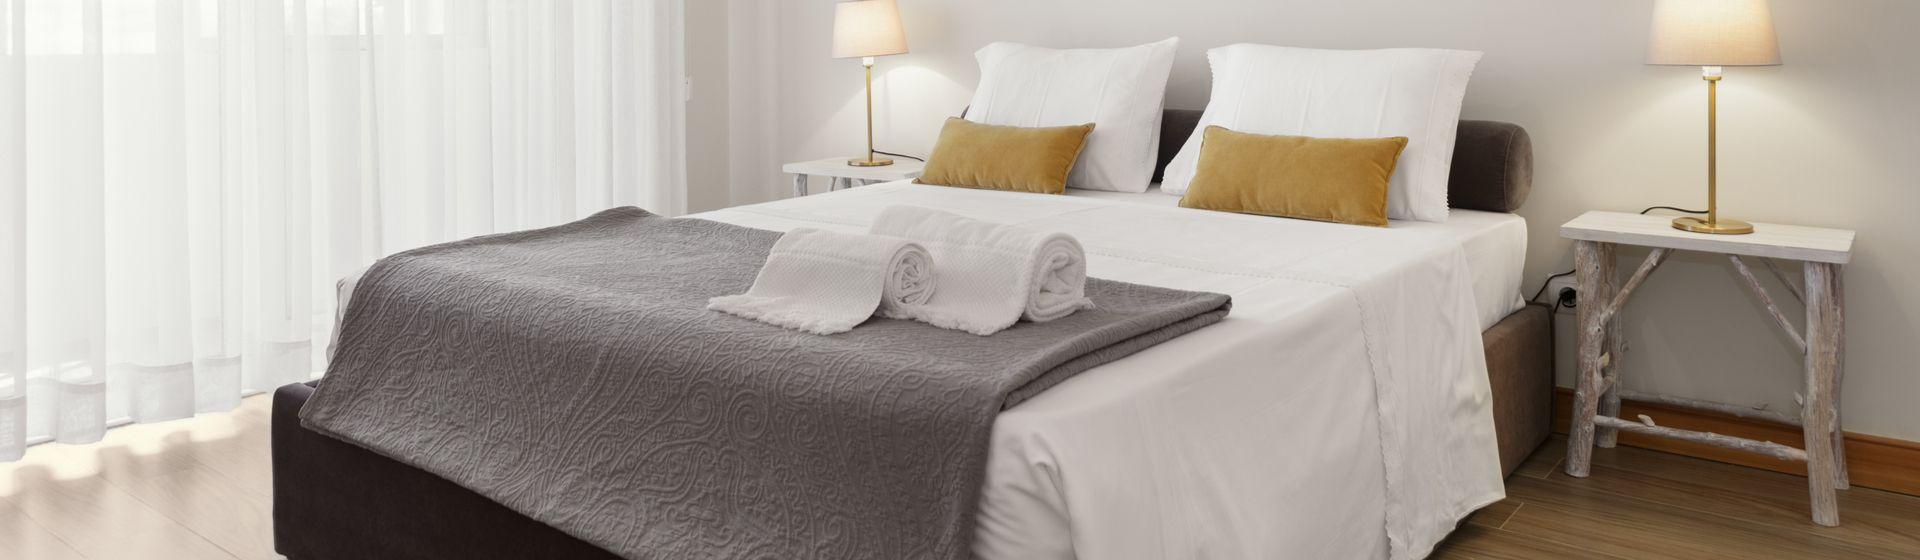 Cama de hotel: tudo que você precisa para montar a sua